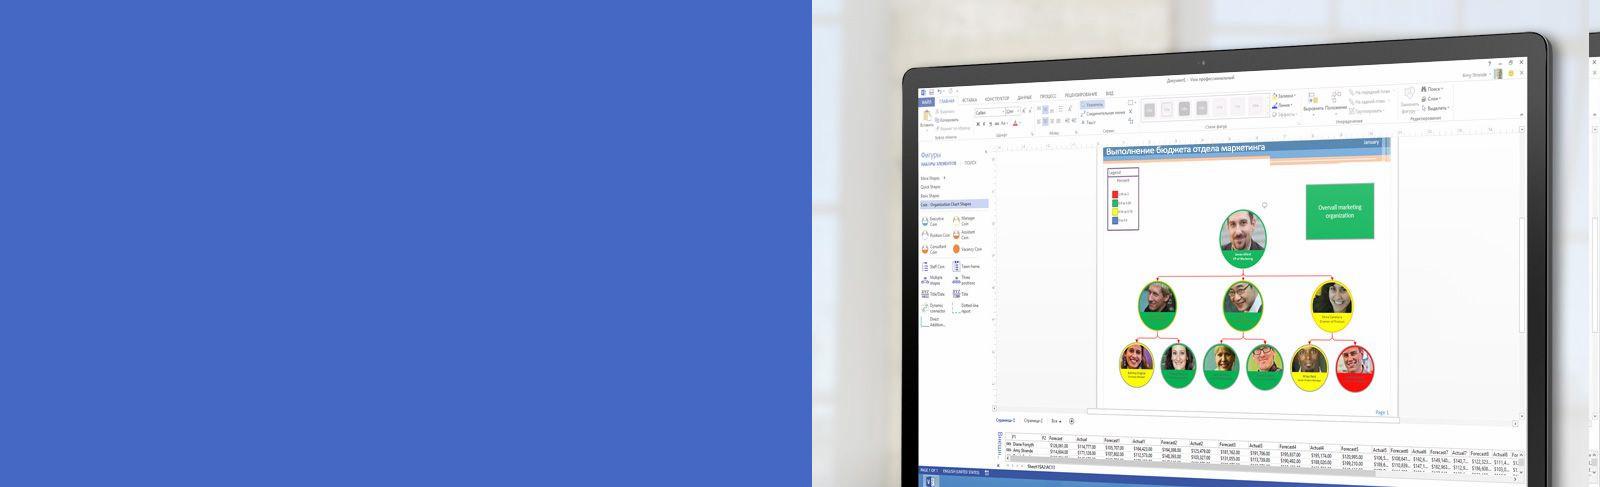 Схема Visio2013 на мониторе настольного компьютера.